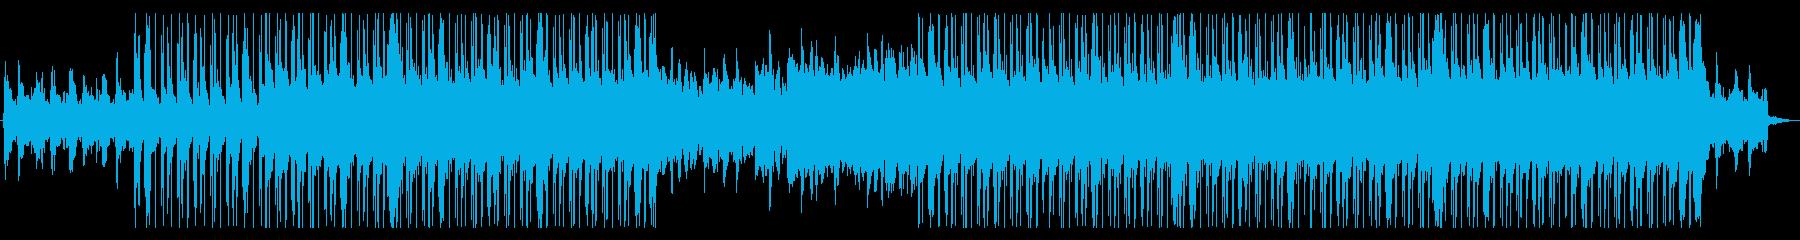 くつろぎの時間の再生済みの波形